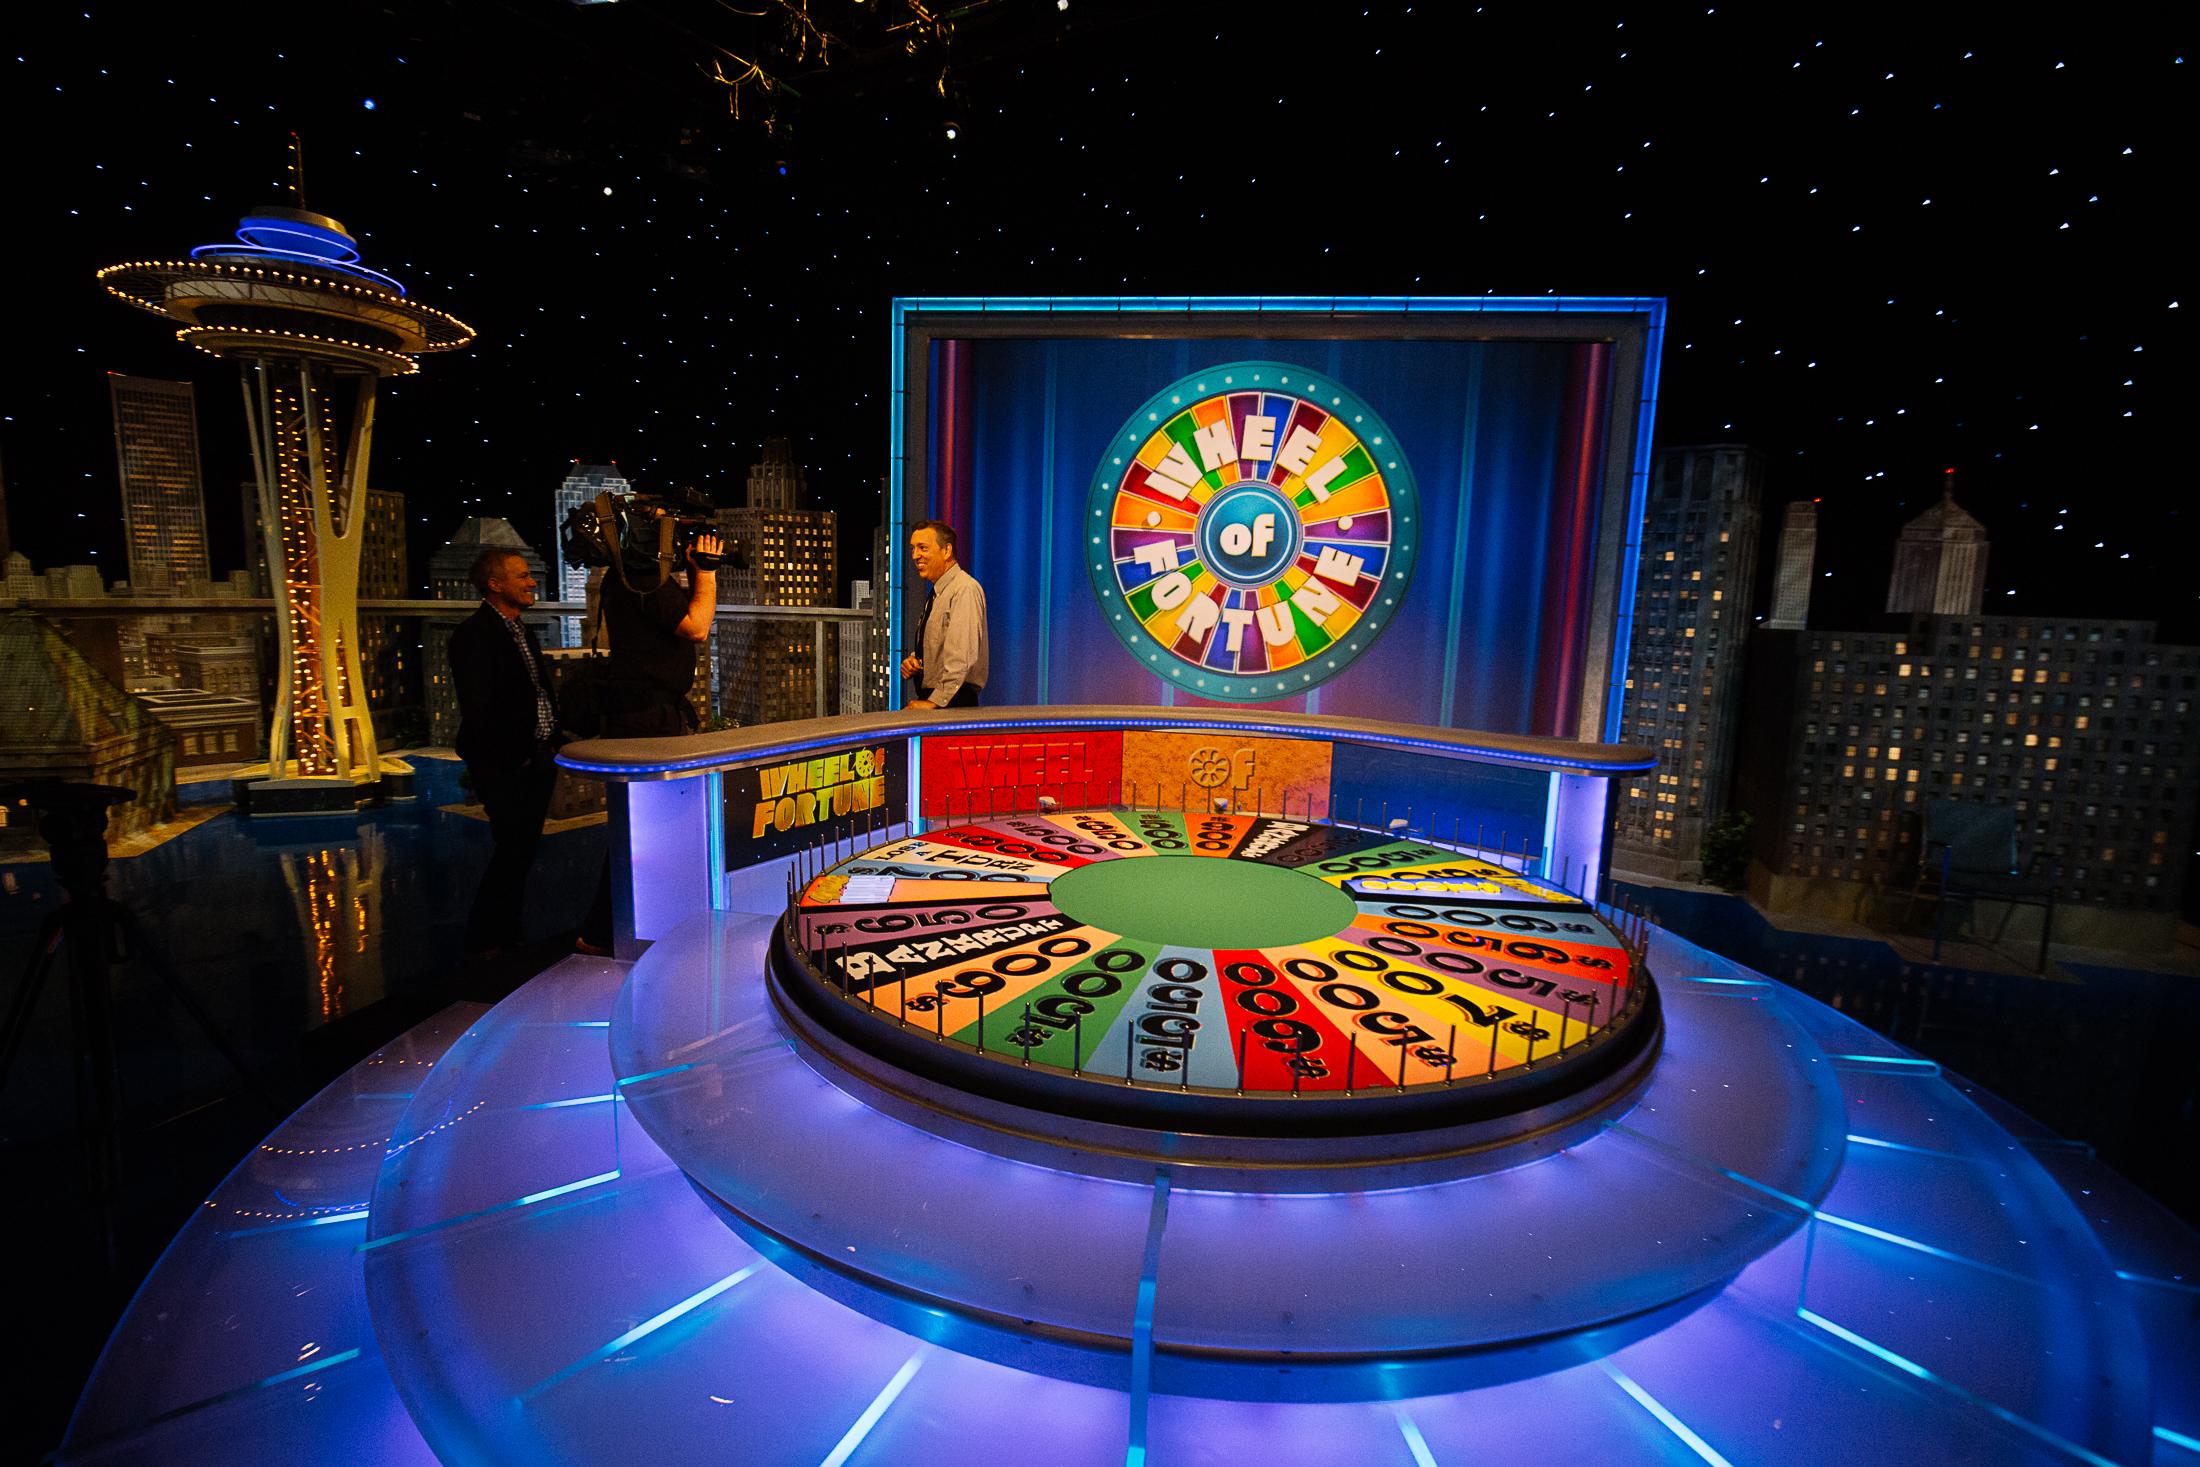 официальный сайт казино победа играть бесплатно без регистрации